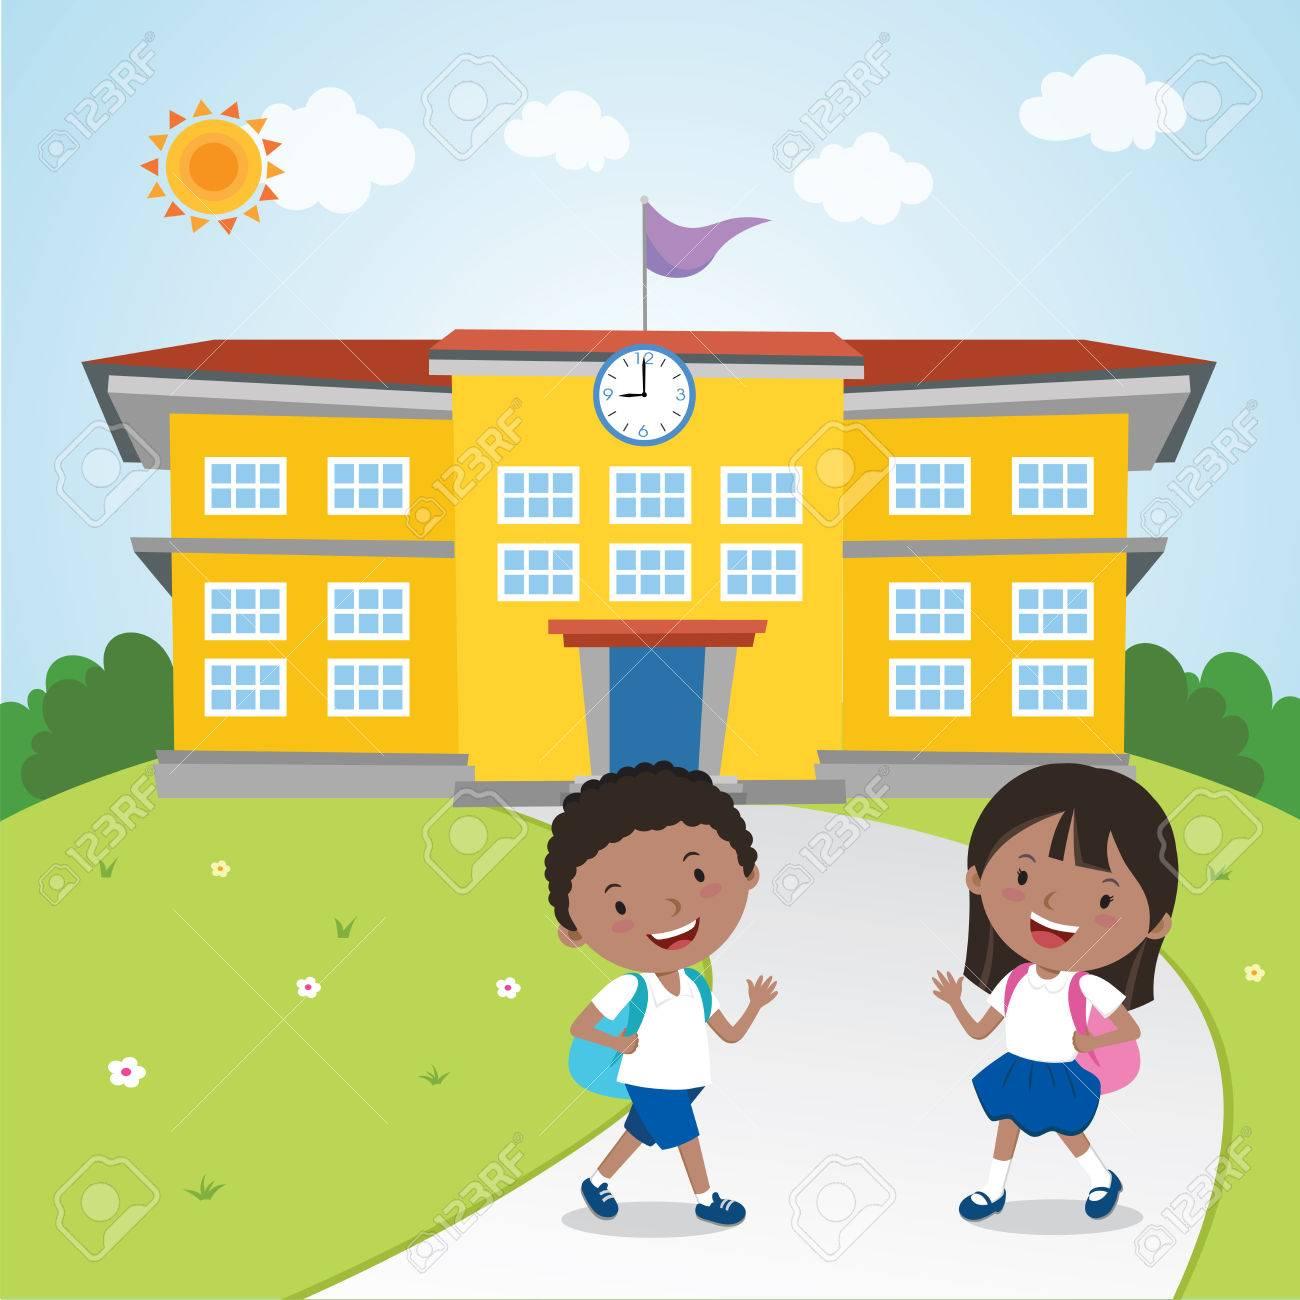 Children go to school - 65696758